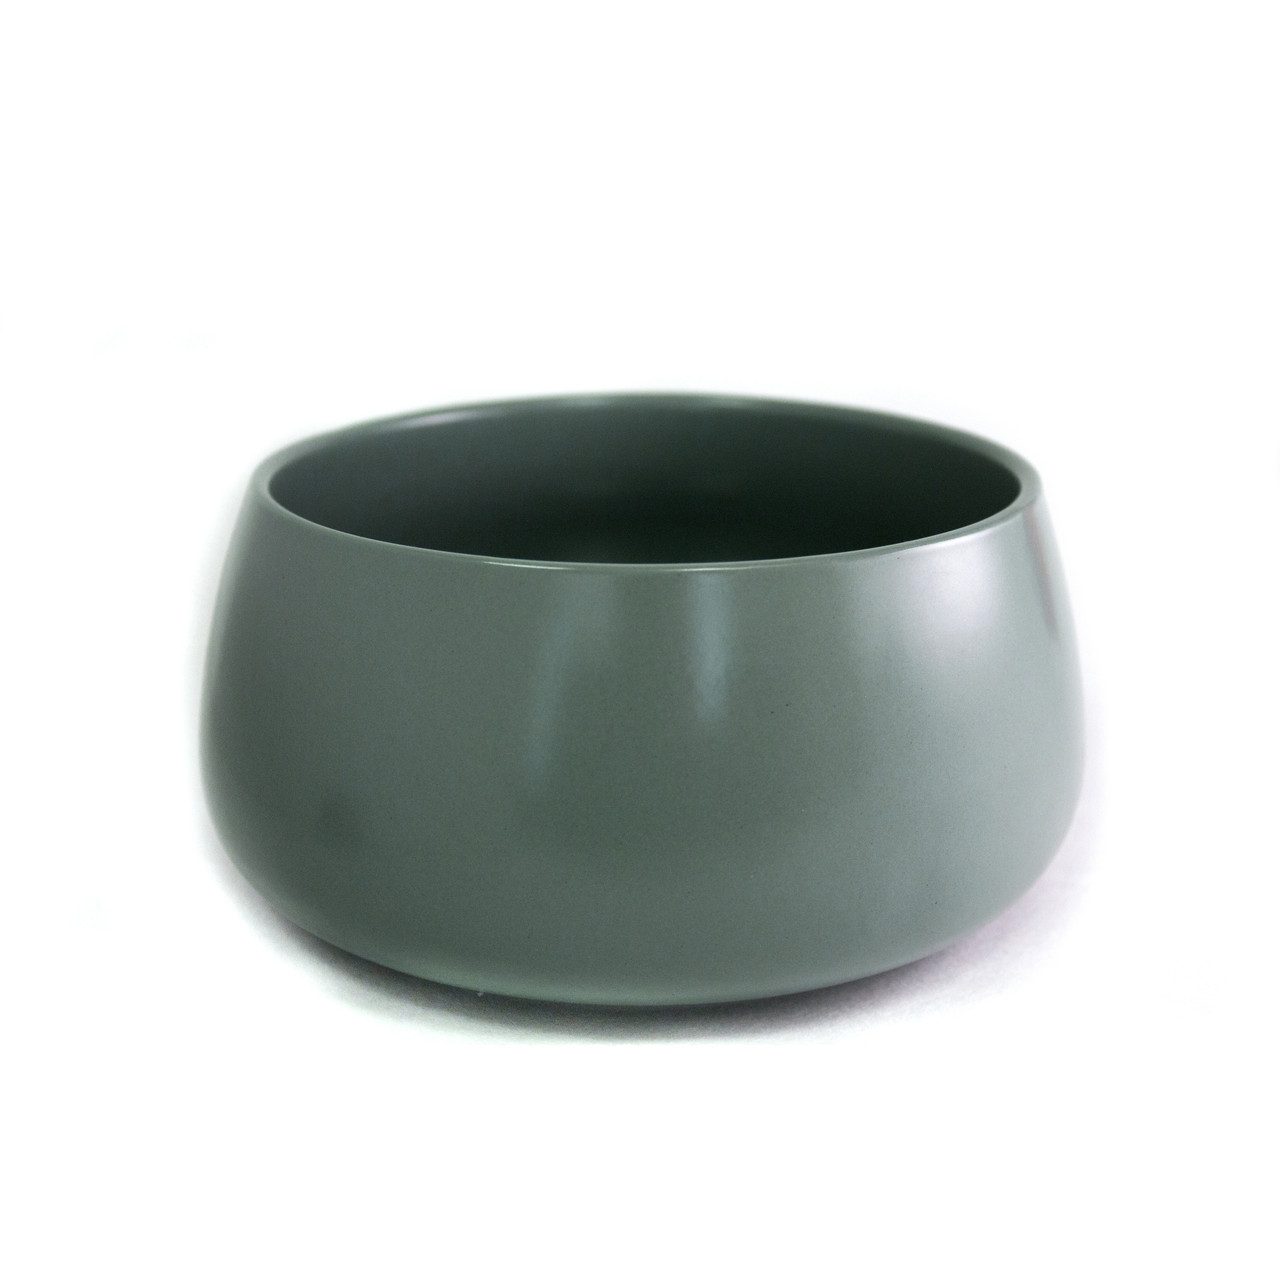 Пиала керамическая S/2, диаметр 16 см